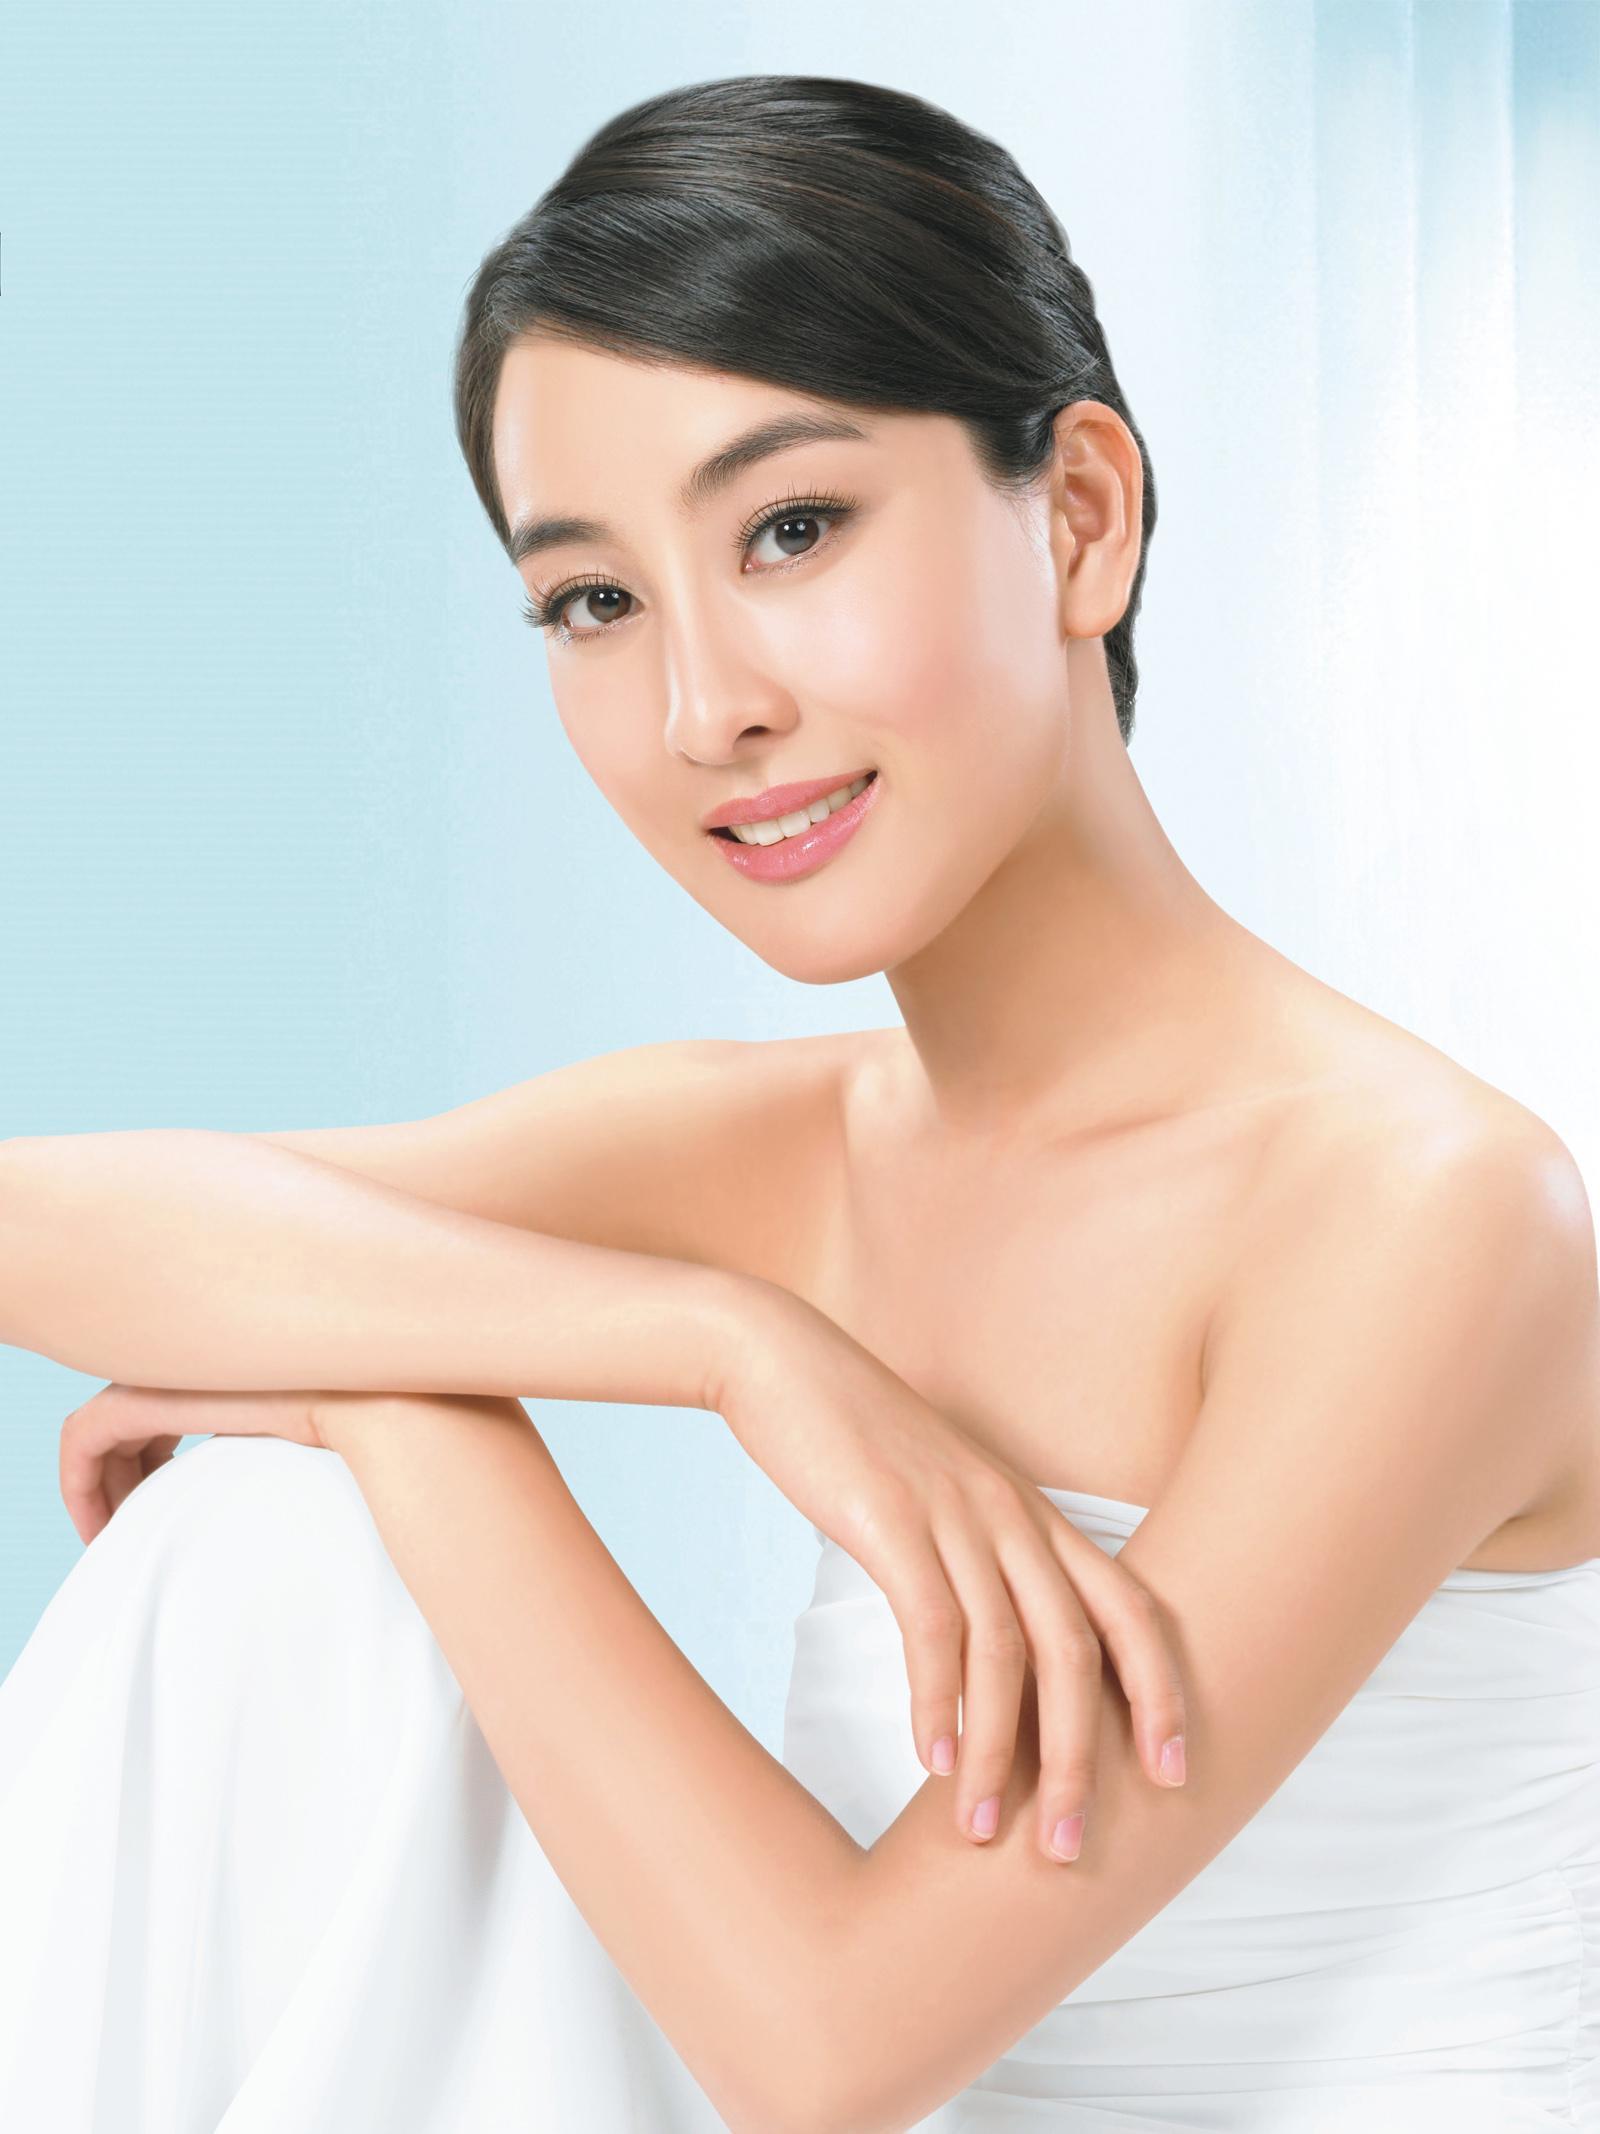 美女马苏——精美大图 - 美女贴图 - 华声论坛